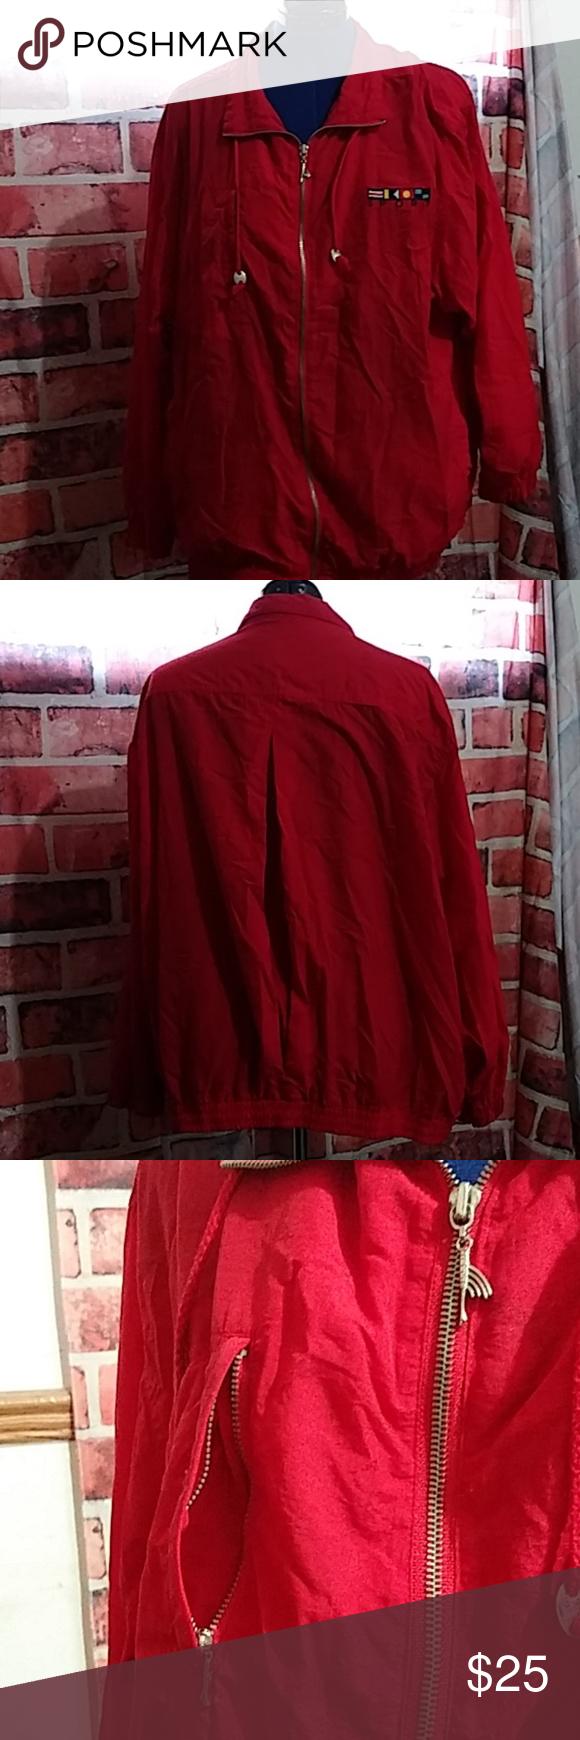 Women S Catalina Red Windbreaker 083 Red Windbreaker Lightweight Jacket Womens Coats Jackets Women [ 1740 x 580 Pixel ]